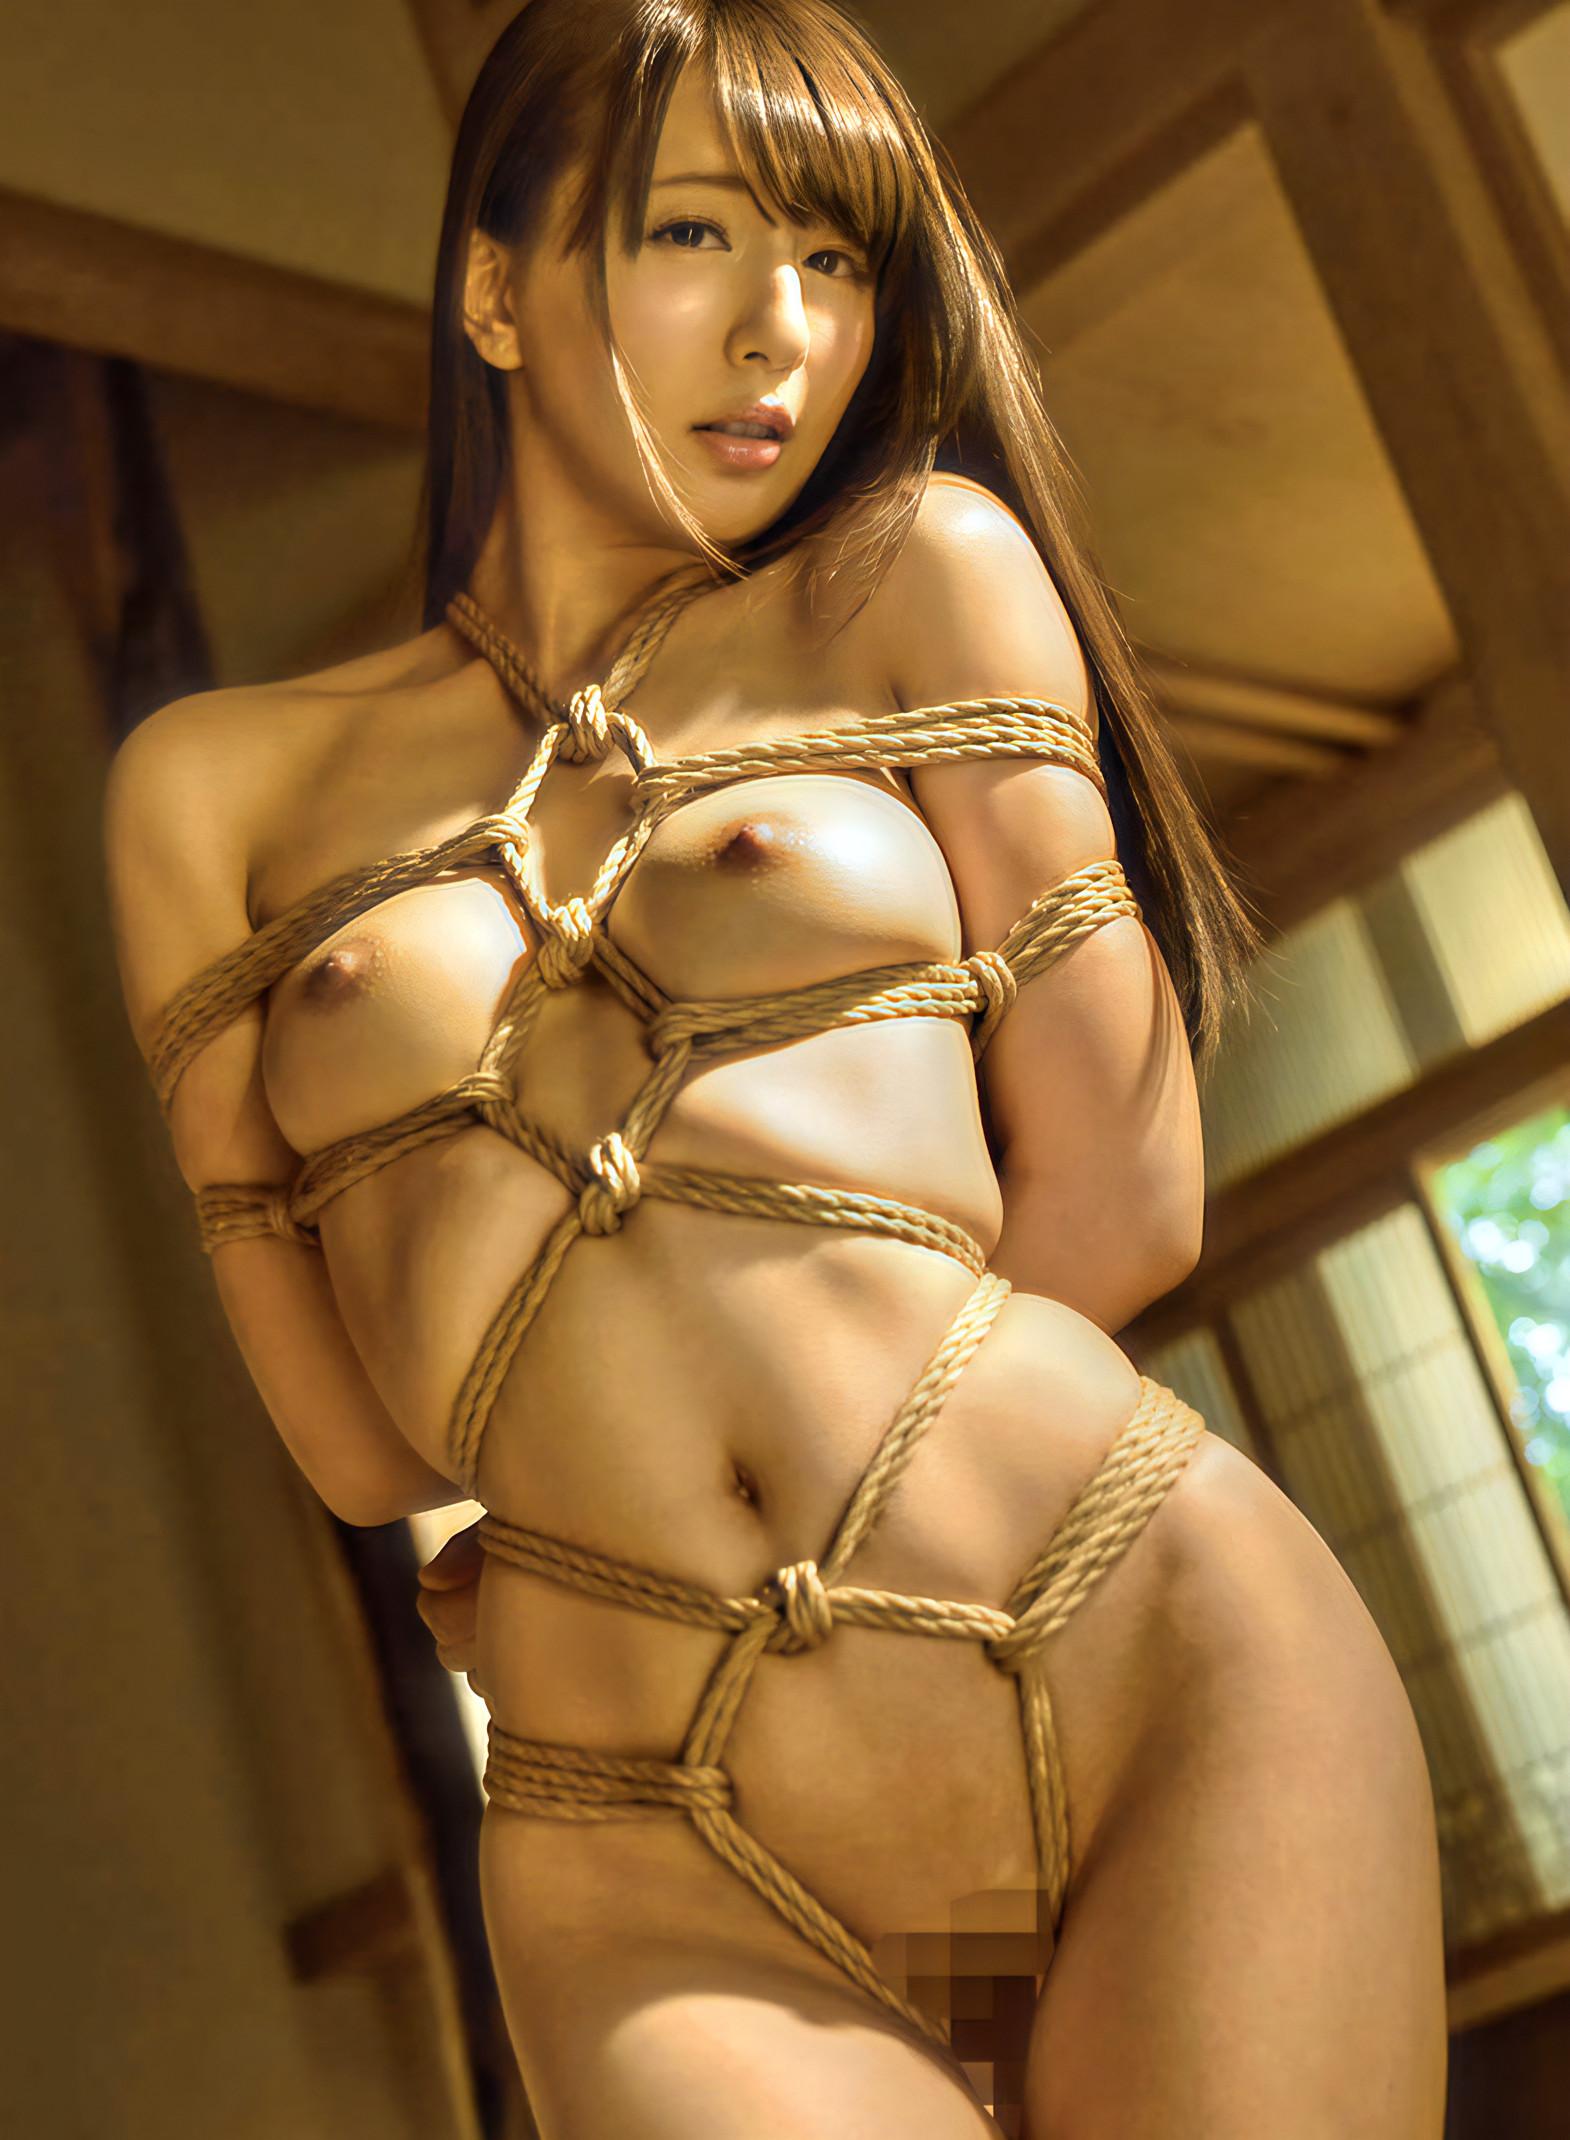 縄で縛るSM緊縛